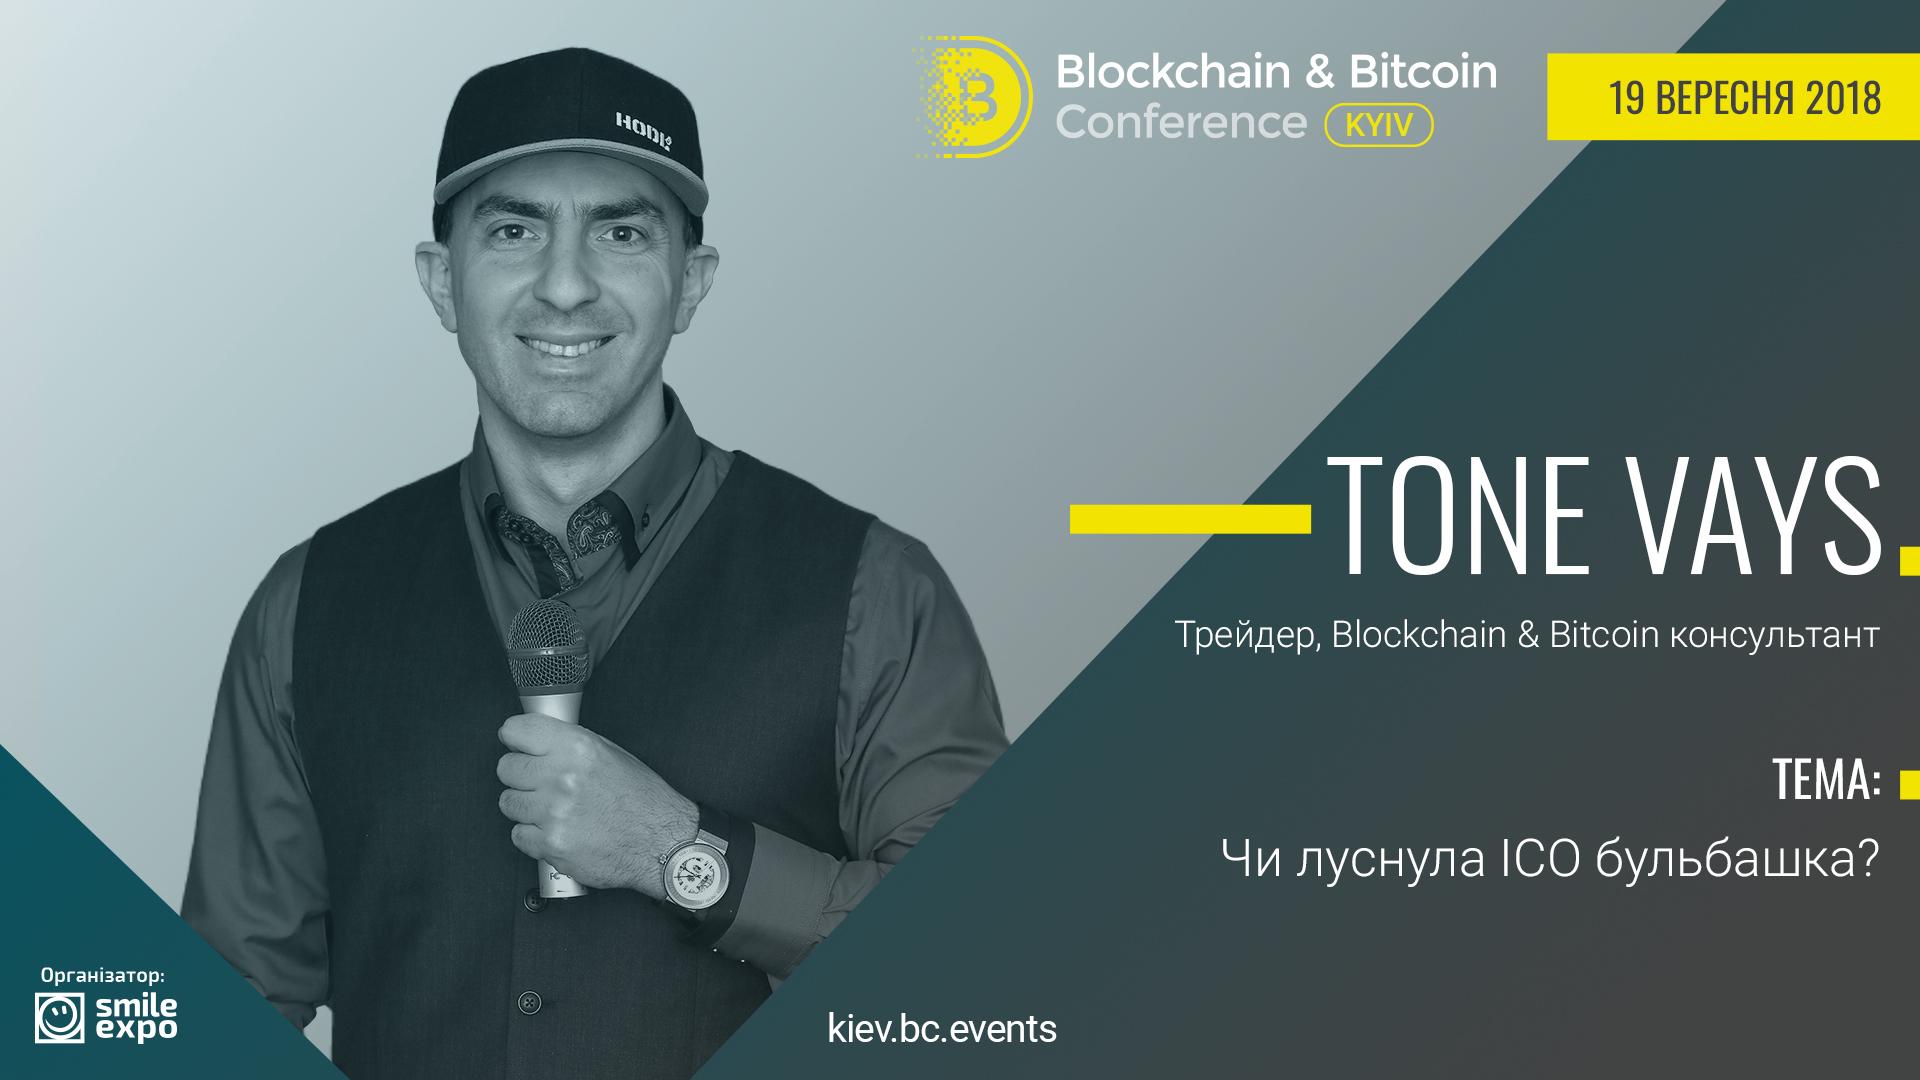 Zirka fiľmiv pro kryptovaljuty — na Bitcoin-konferenciї u Kyjevi